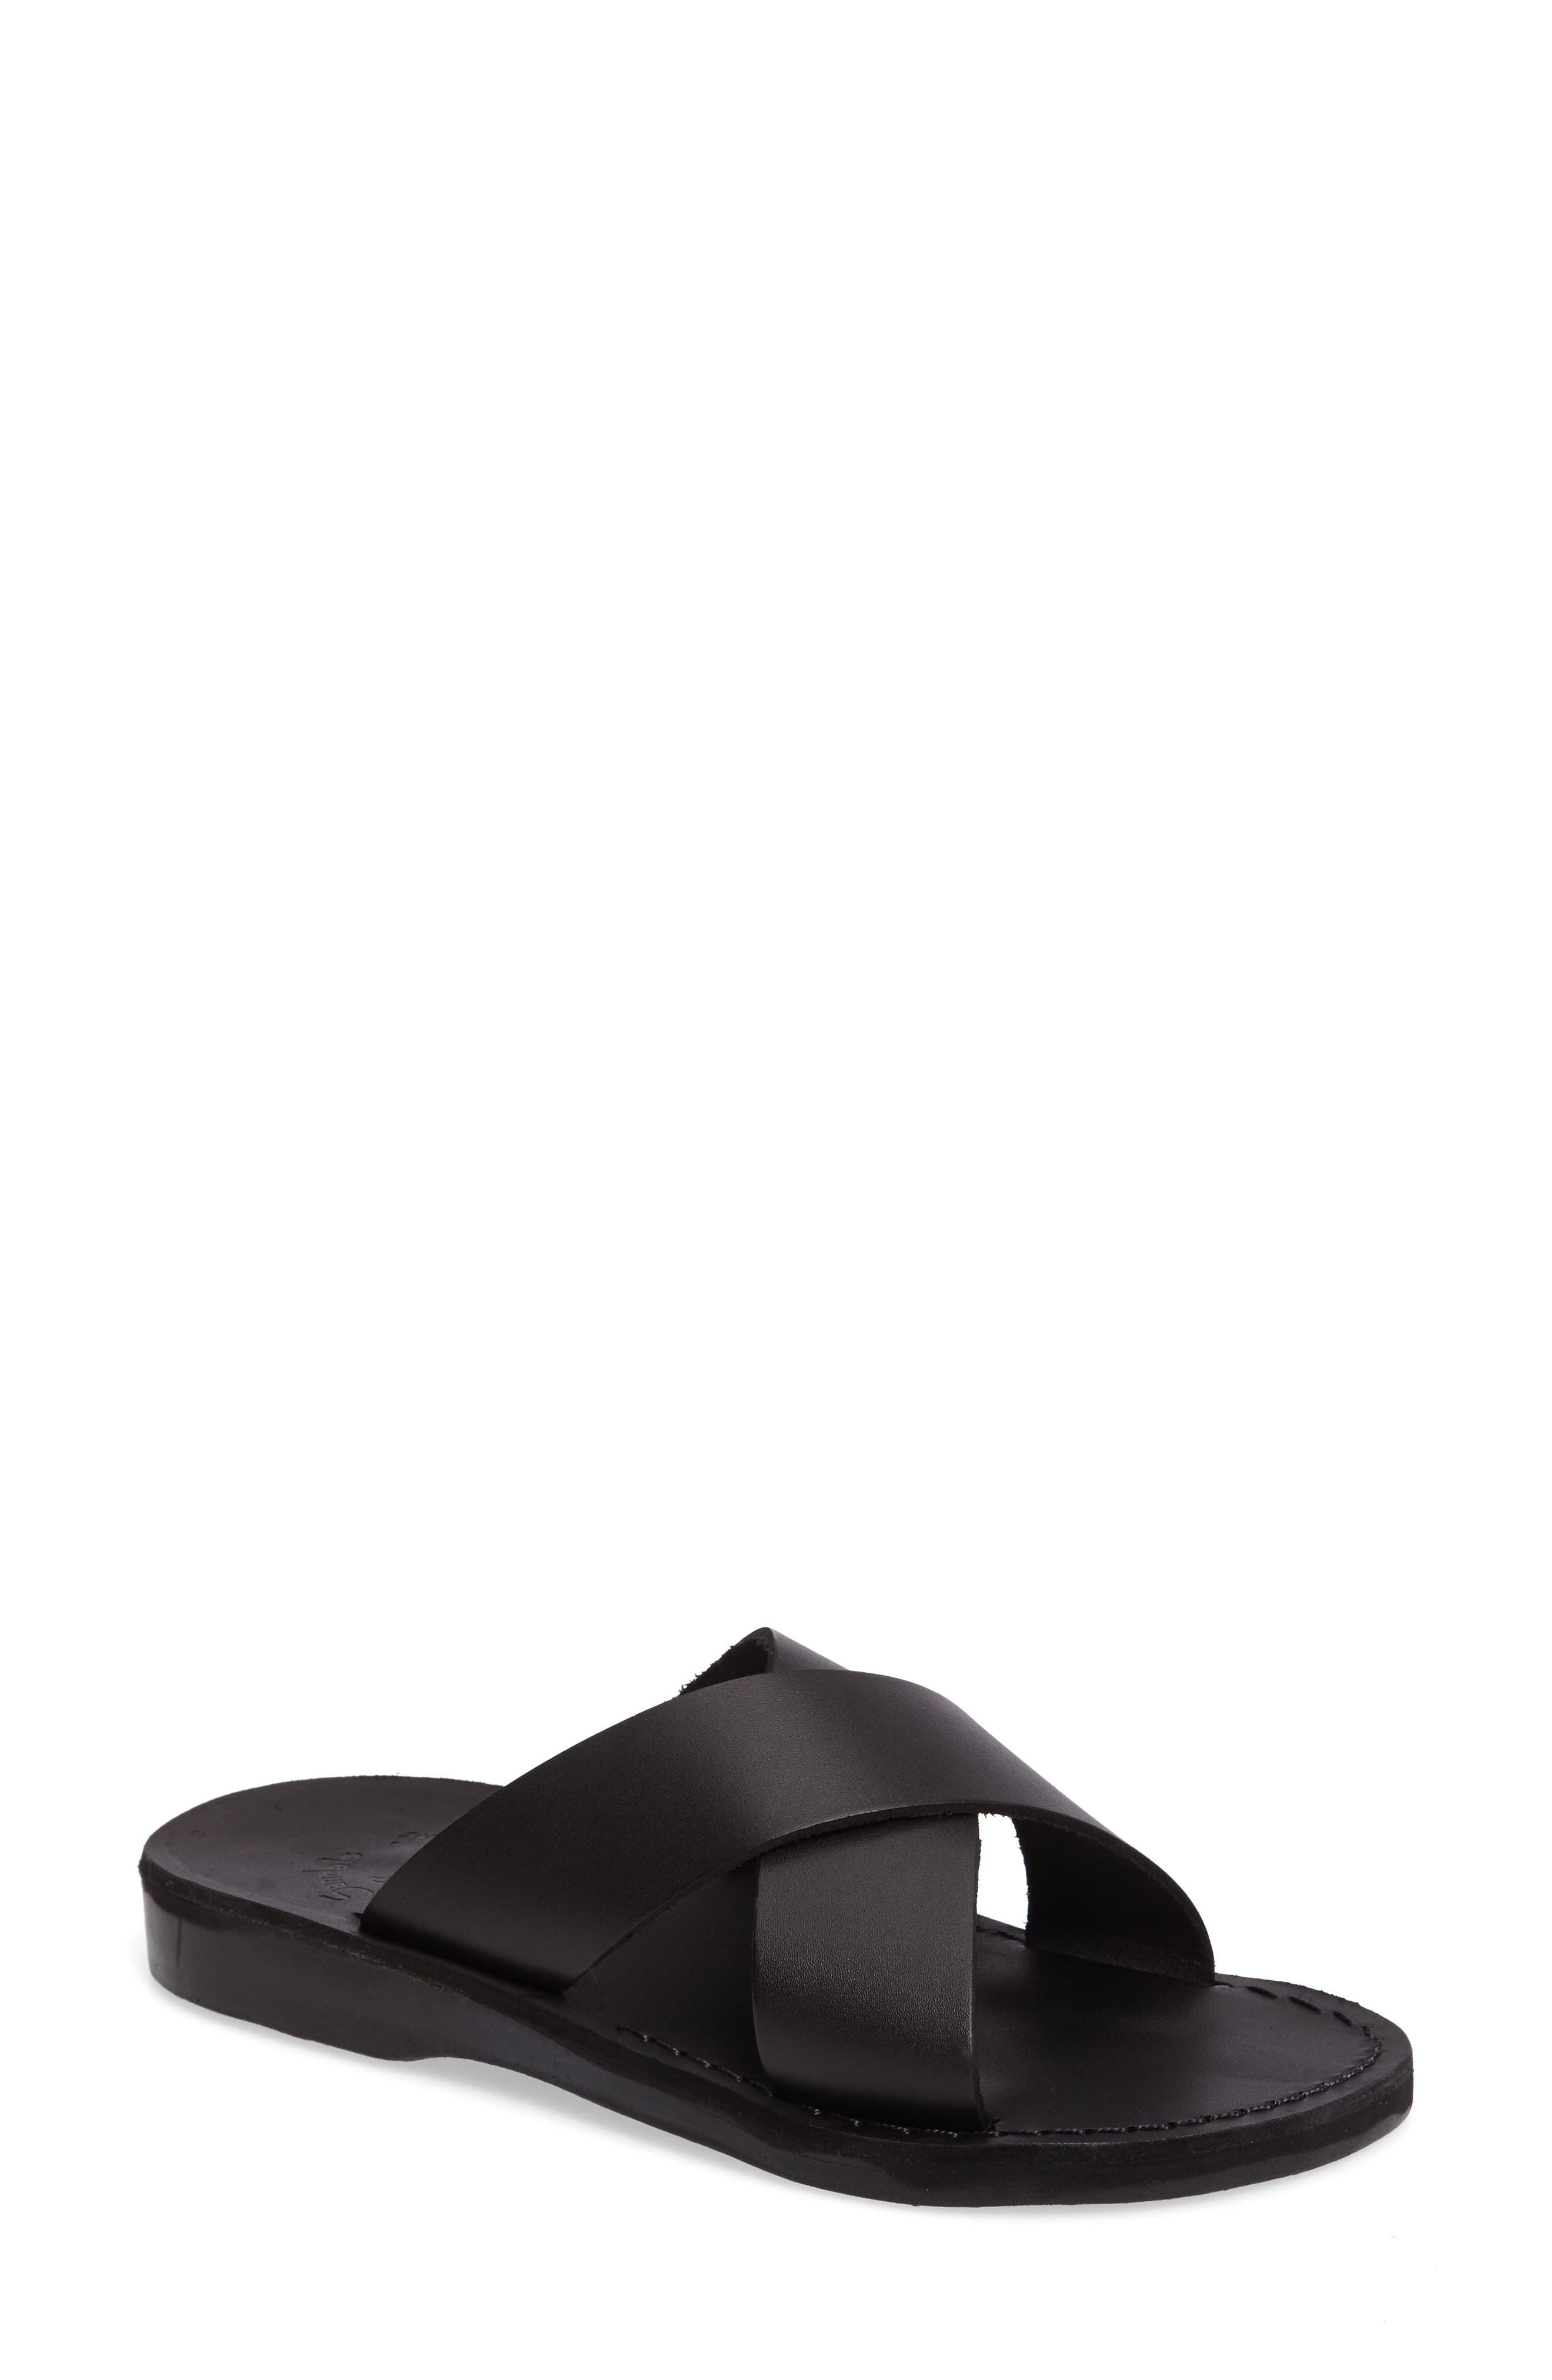 Jerusalem Sandals Elan Crisscross Sandal (Women)